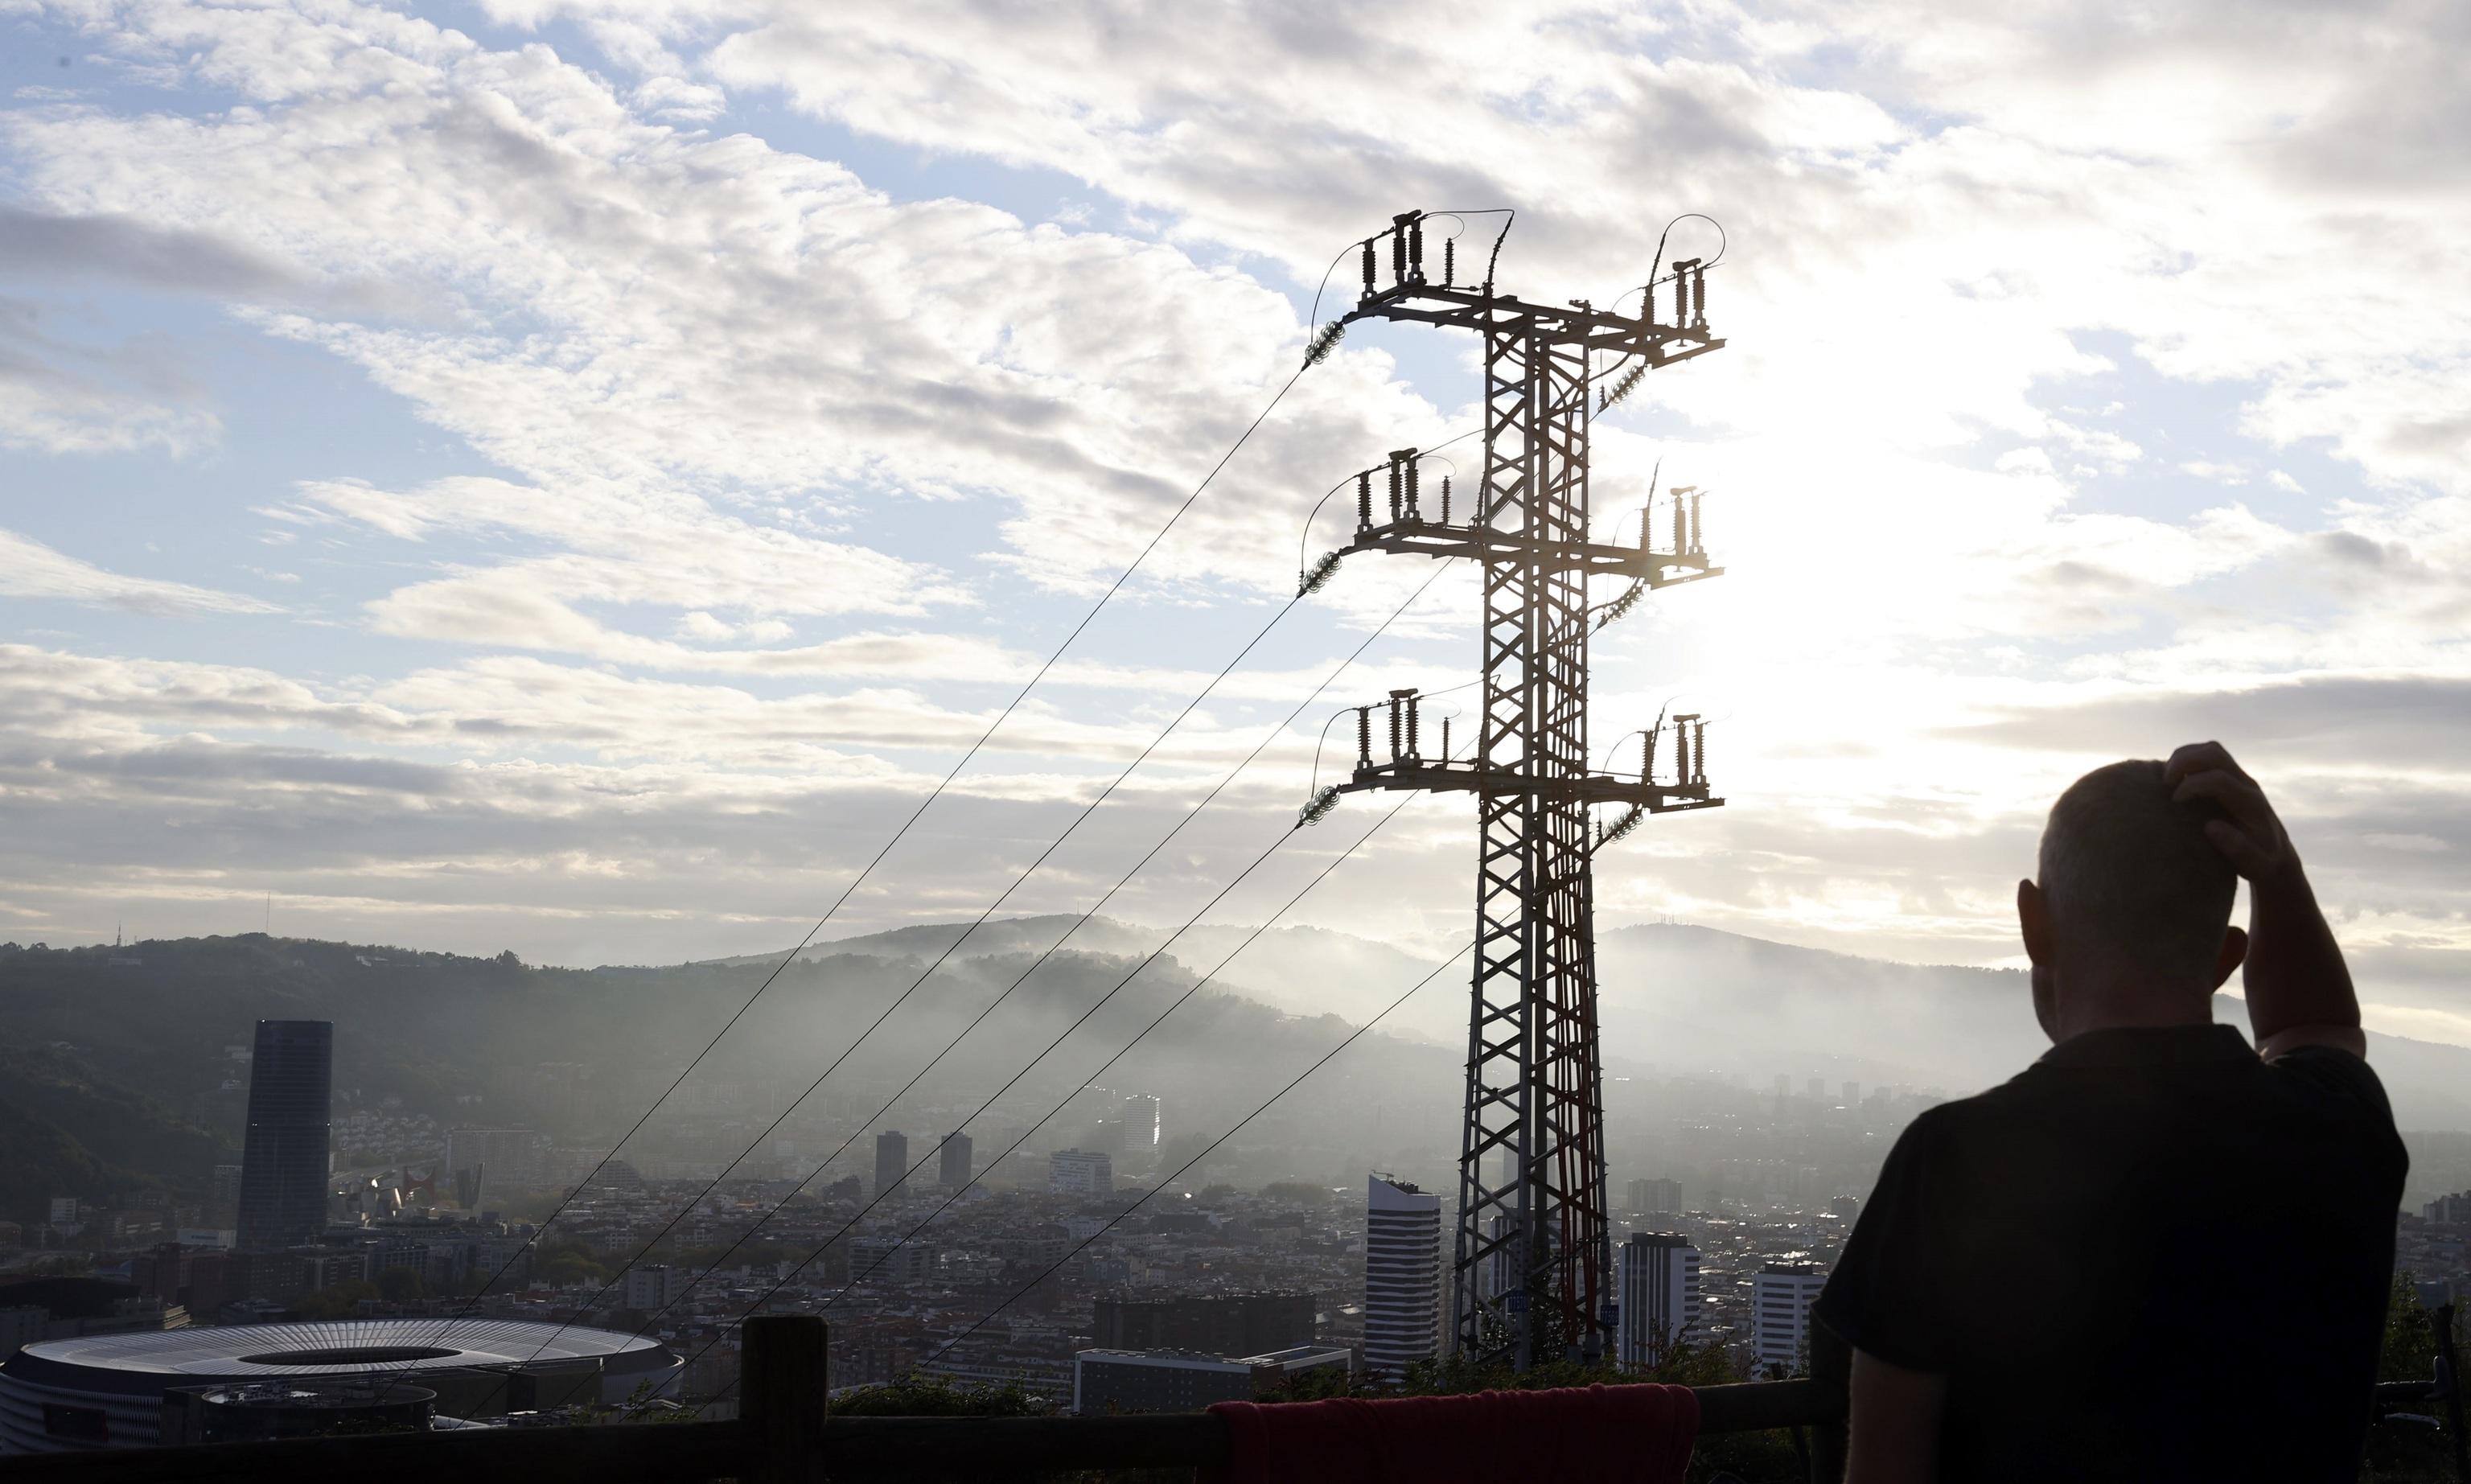 Una persona observa el cableado con el que red eléctrica transporta la energía sobre la ciudad de Bilbao